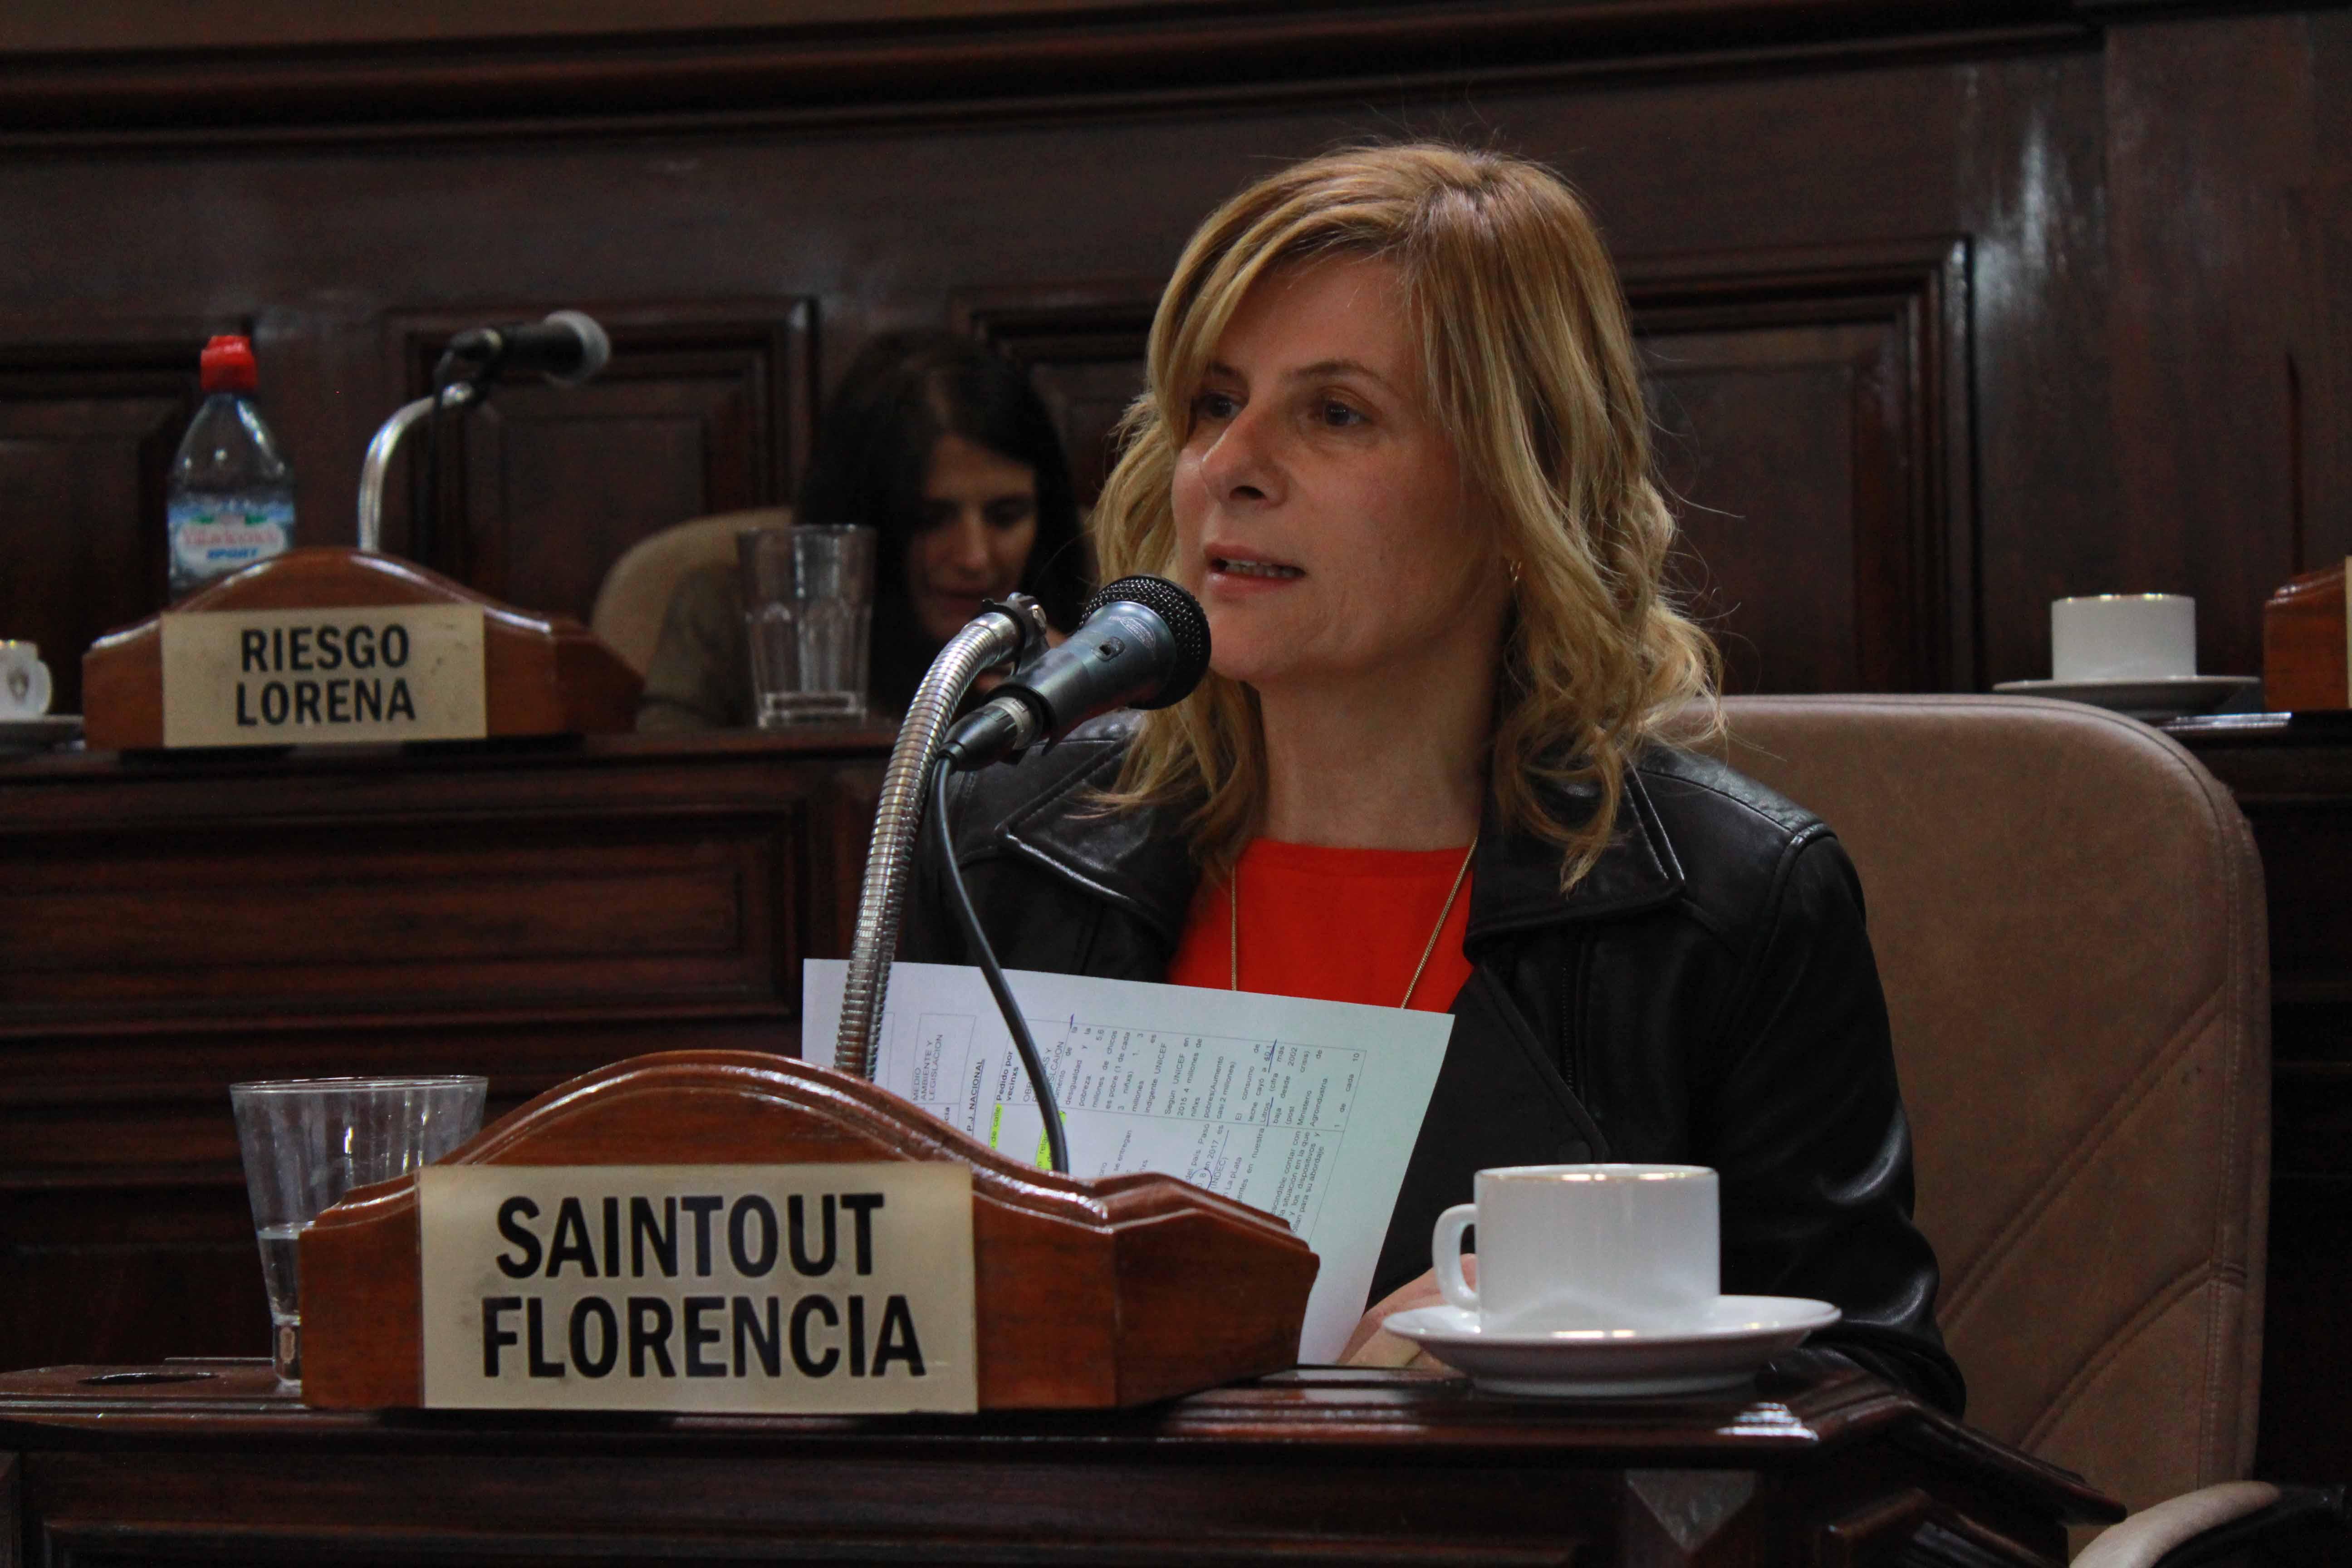 """""""20 mil niños menores de 5 años en La Plata son pobres y 2.800 son indigentes"""", denunció Florencia Saintout"""